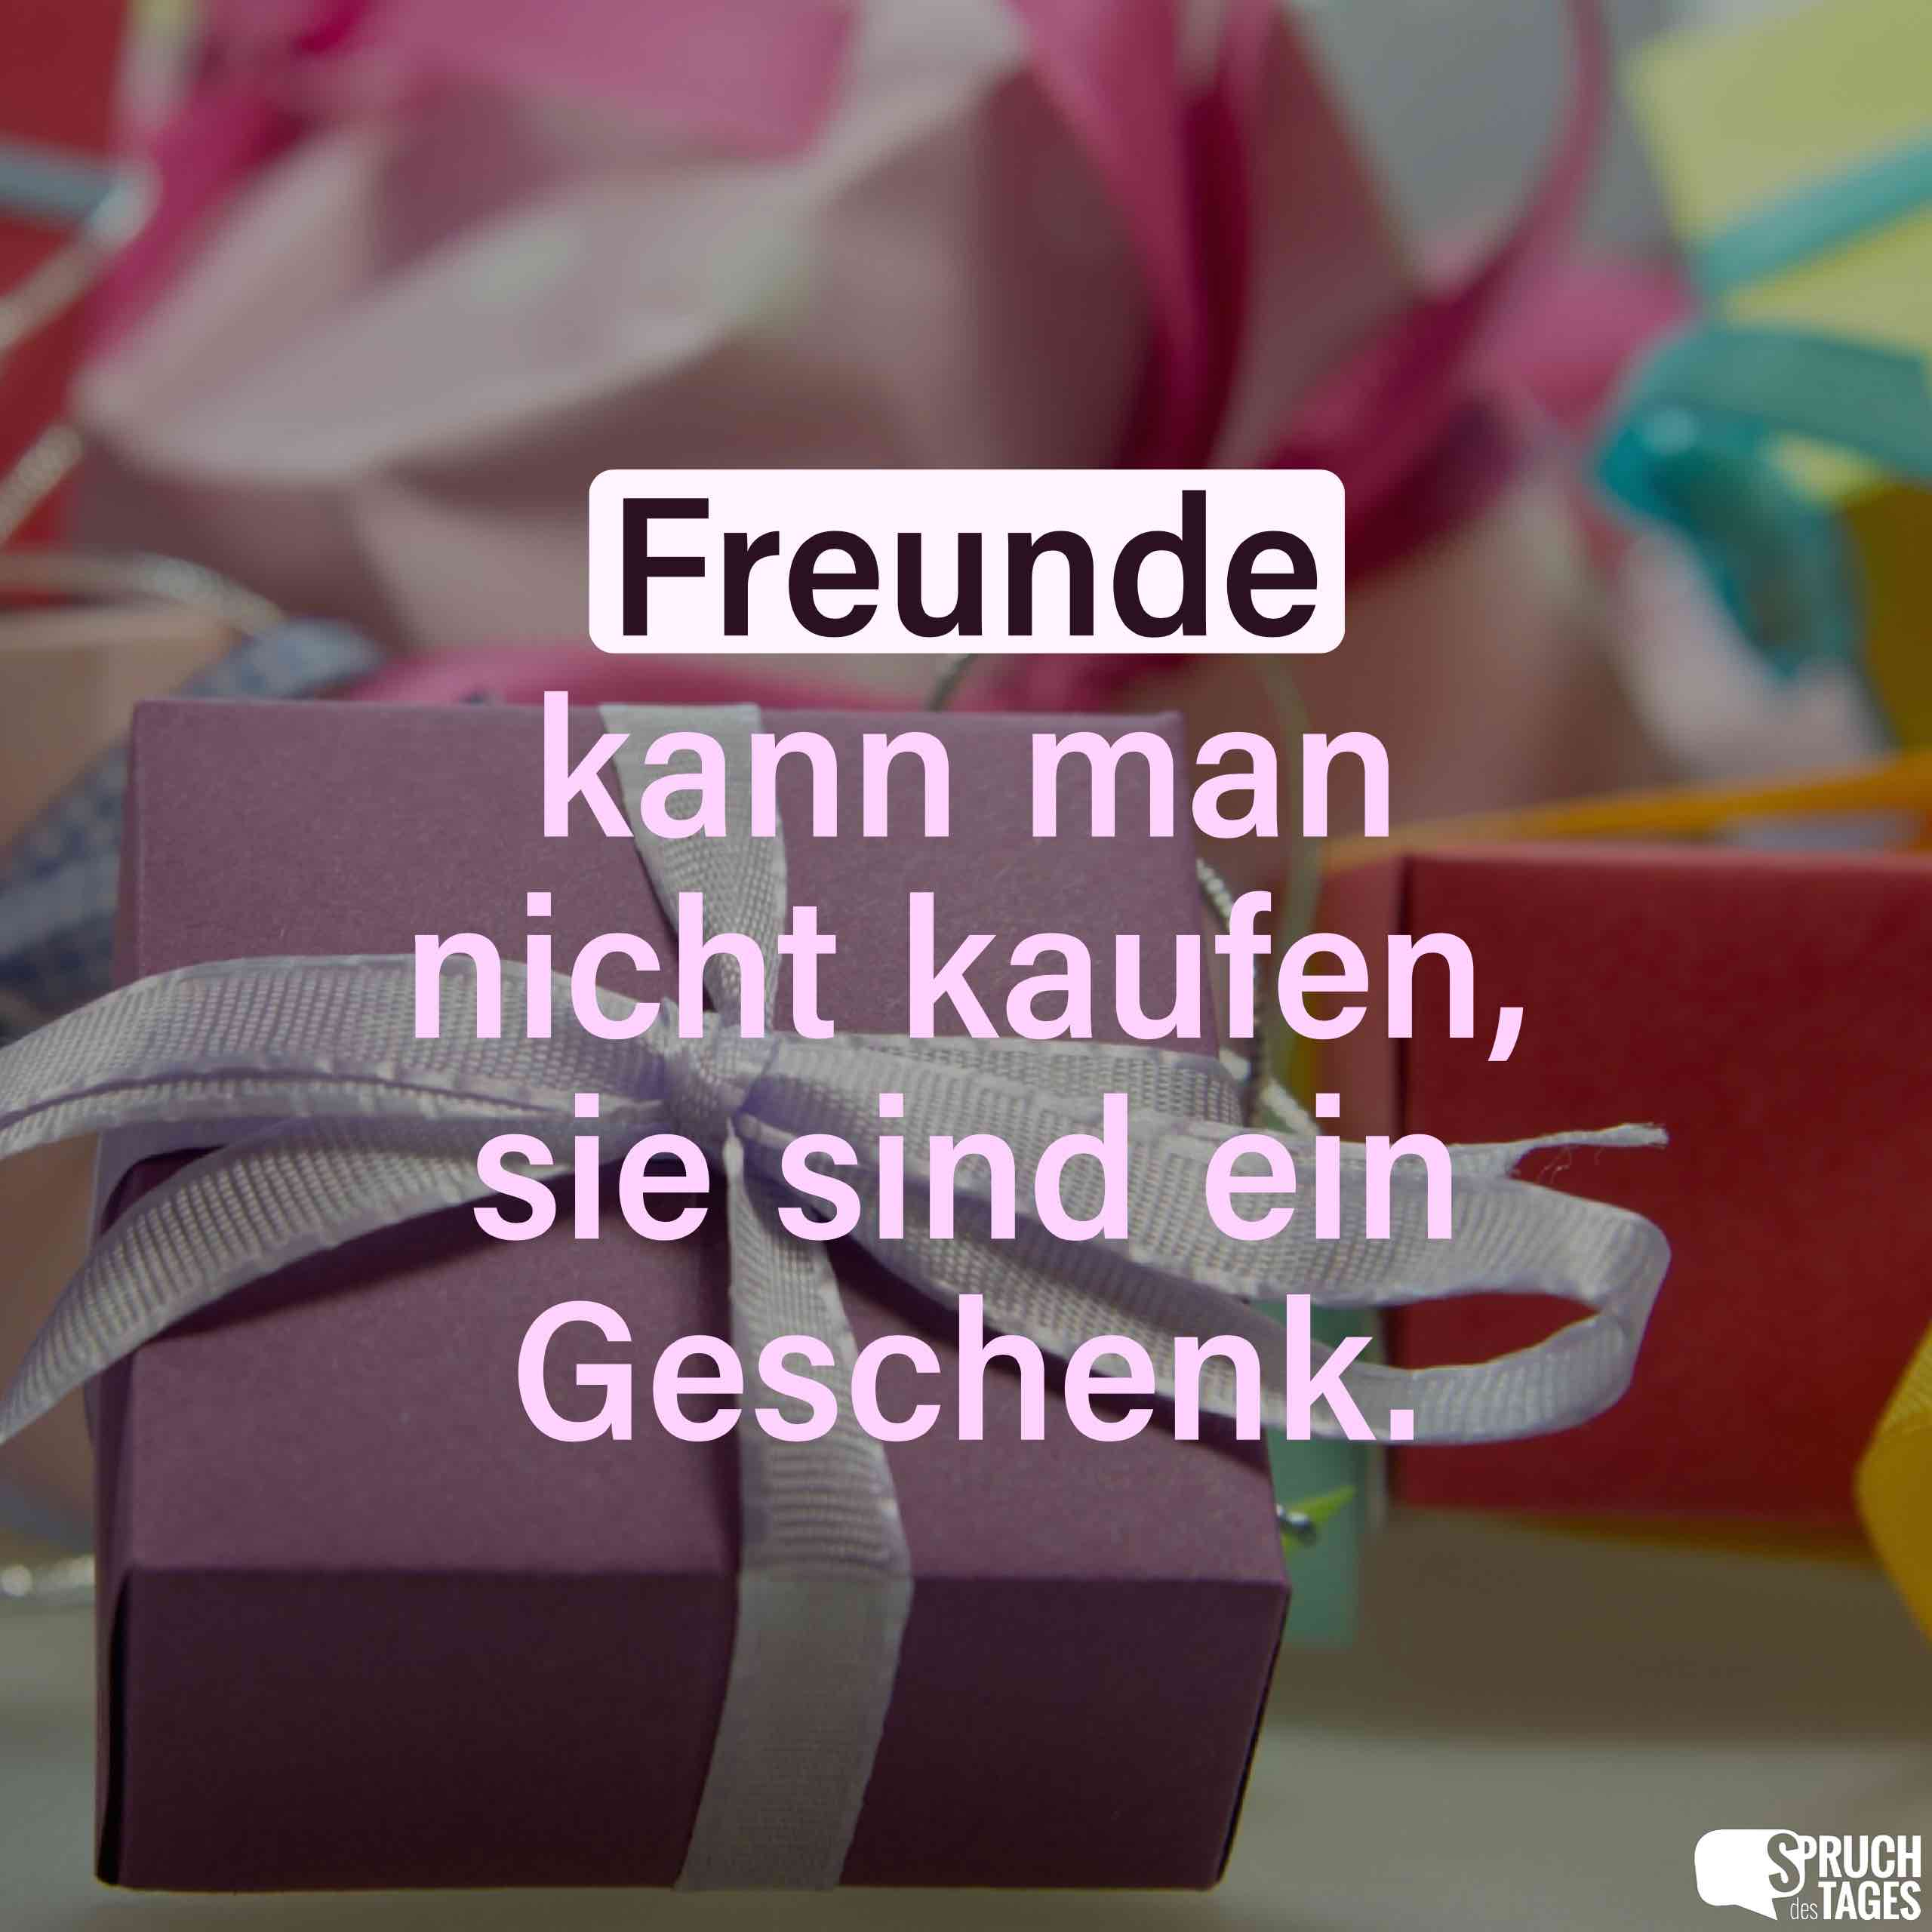 Freunde kann man nicht kaufen, sie sind ein Geschenk.